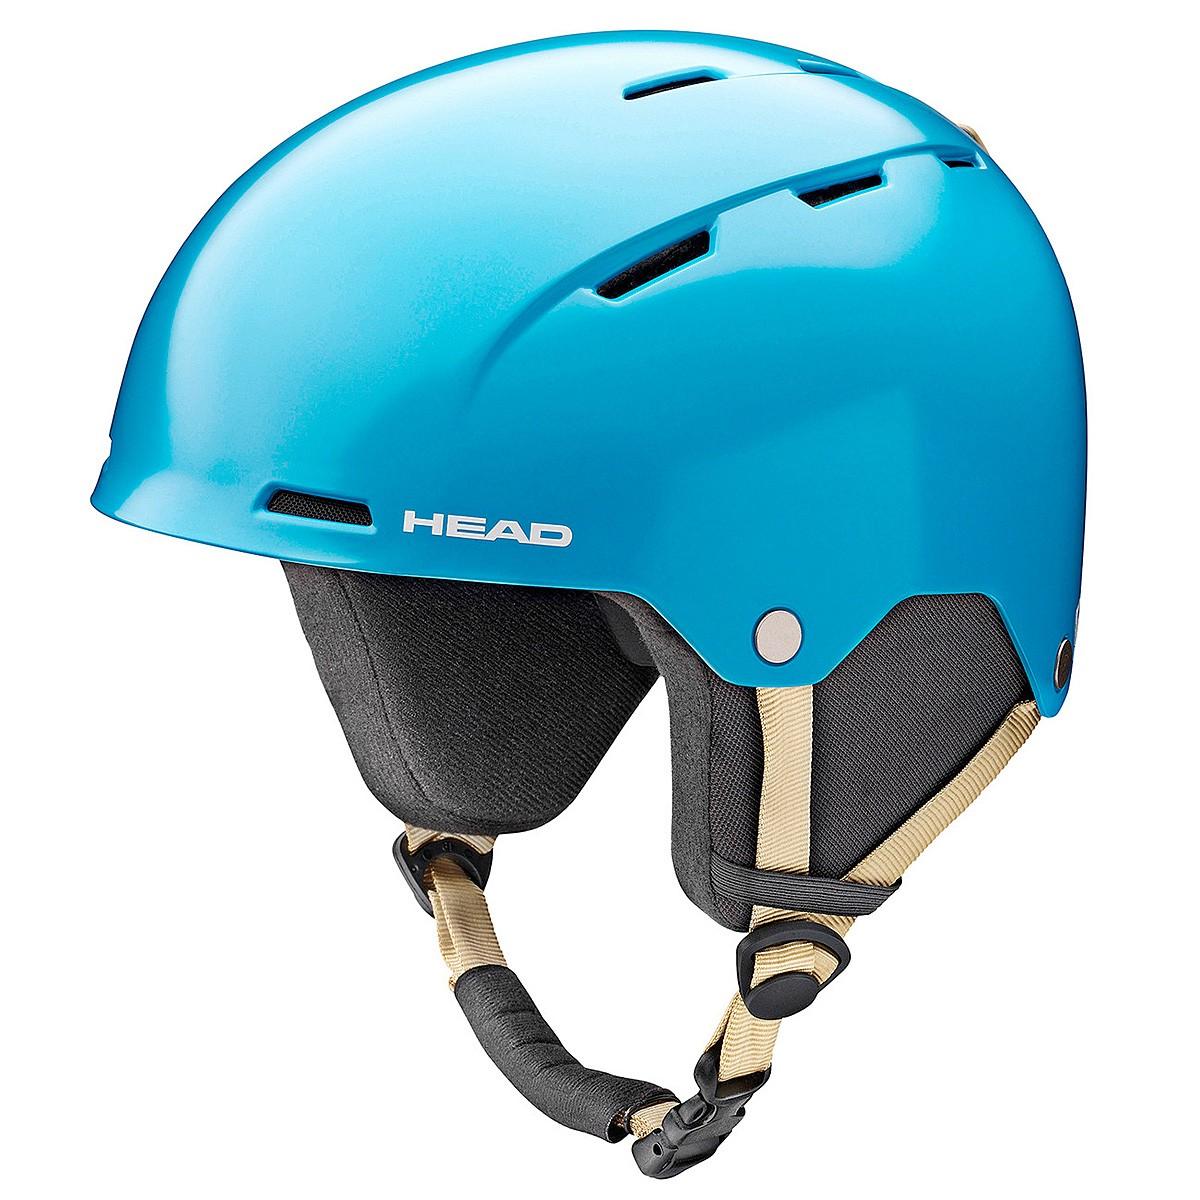 Casco sci Head Ten blu (Colore: blu, Taglia: 52/55)